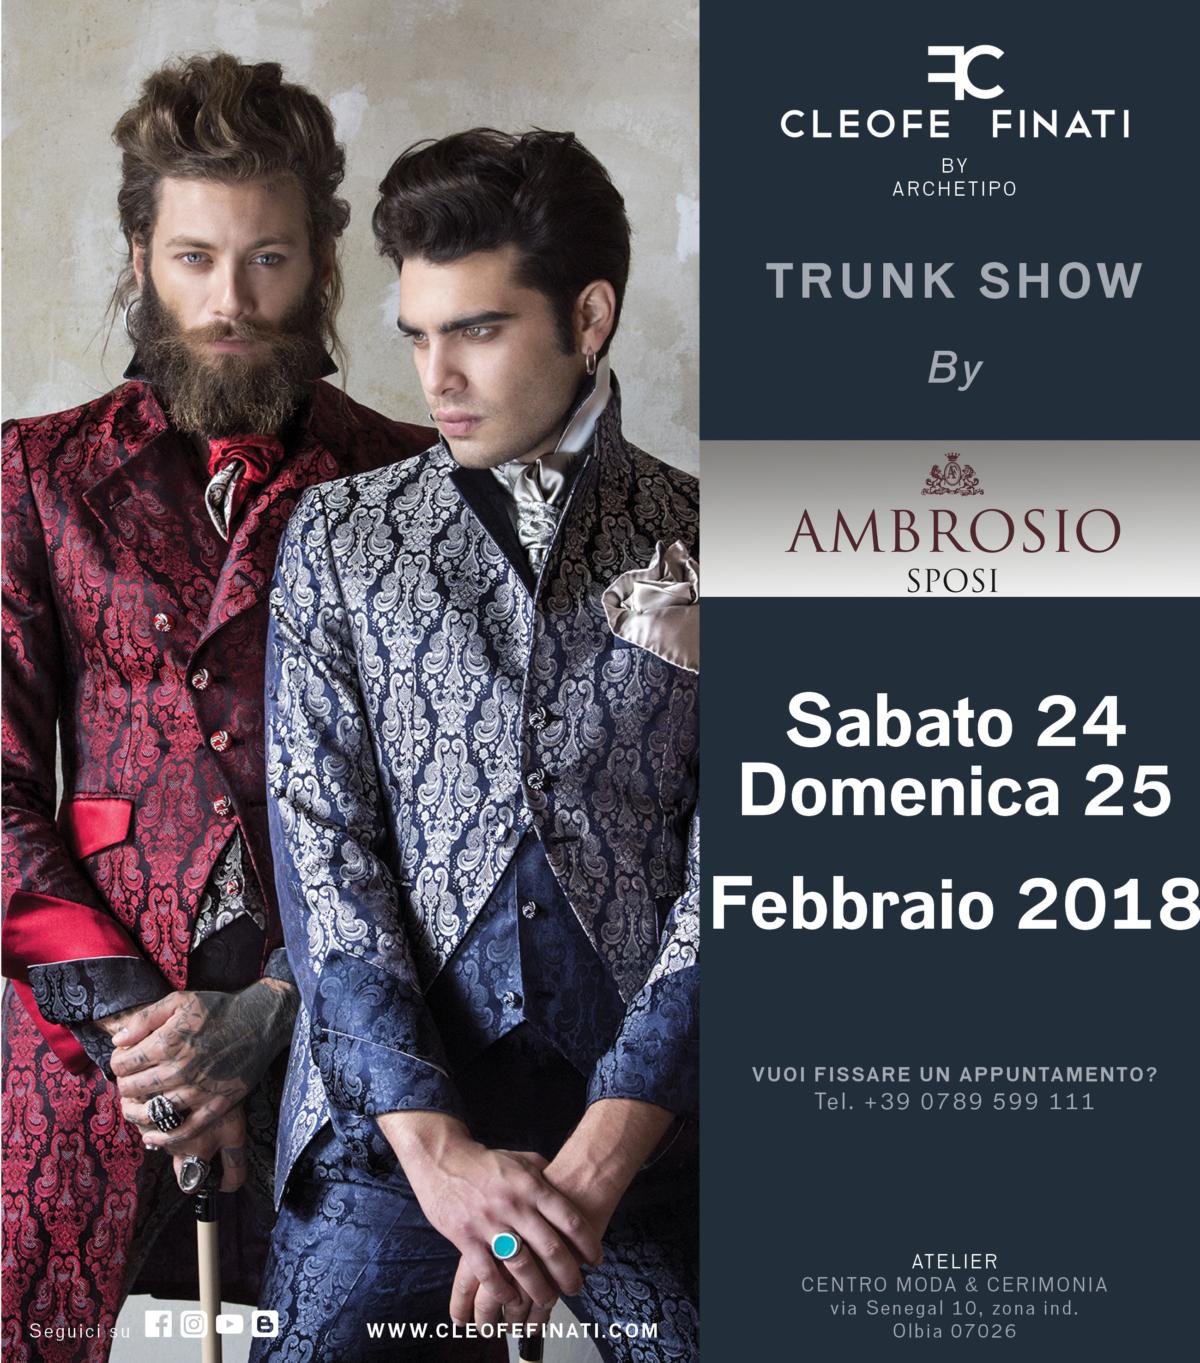 Trunk show Cleofe finati presso Ambrosio